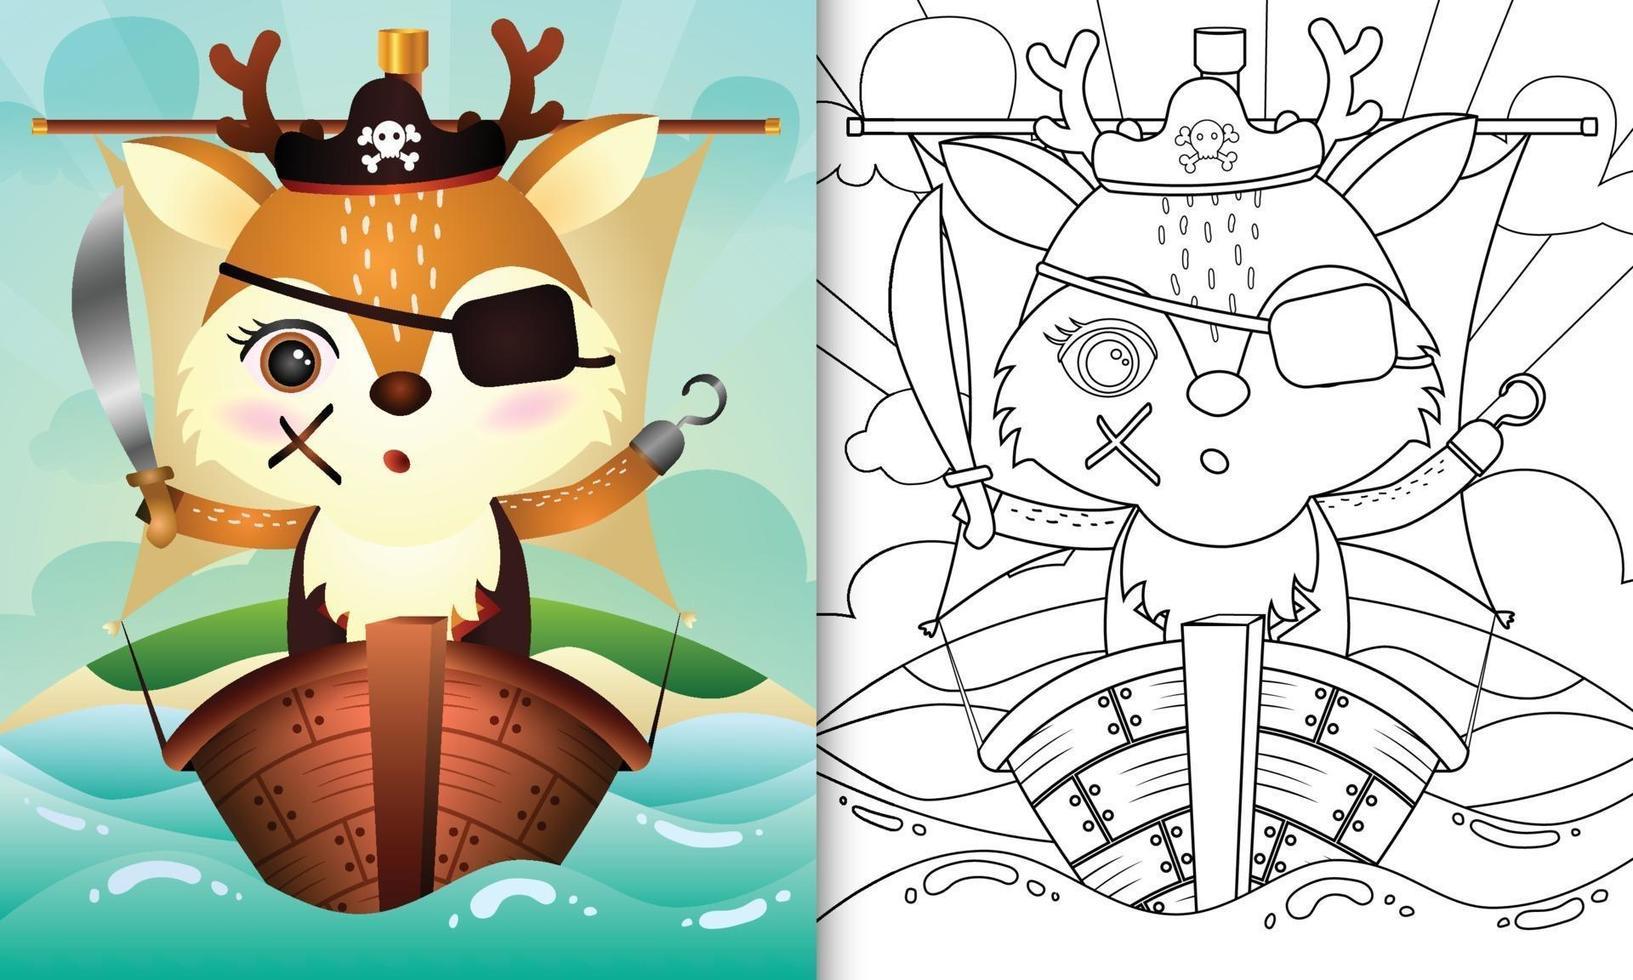 libro da colorare per bambini con un simpatico personaggio di cervo pirata illustrazione vettore